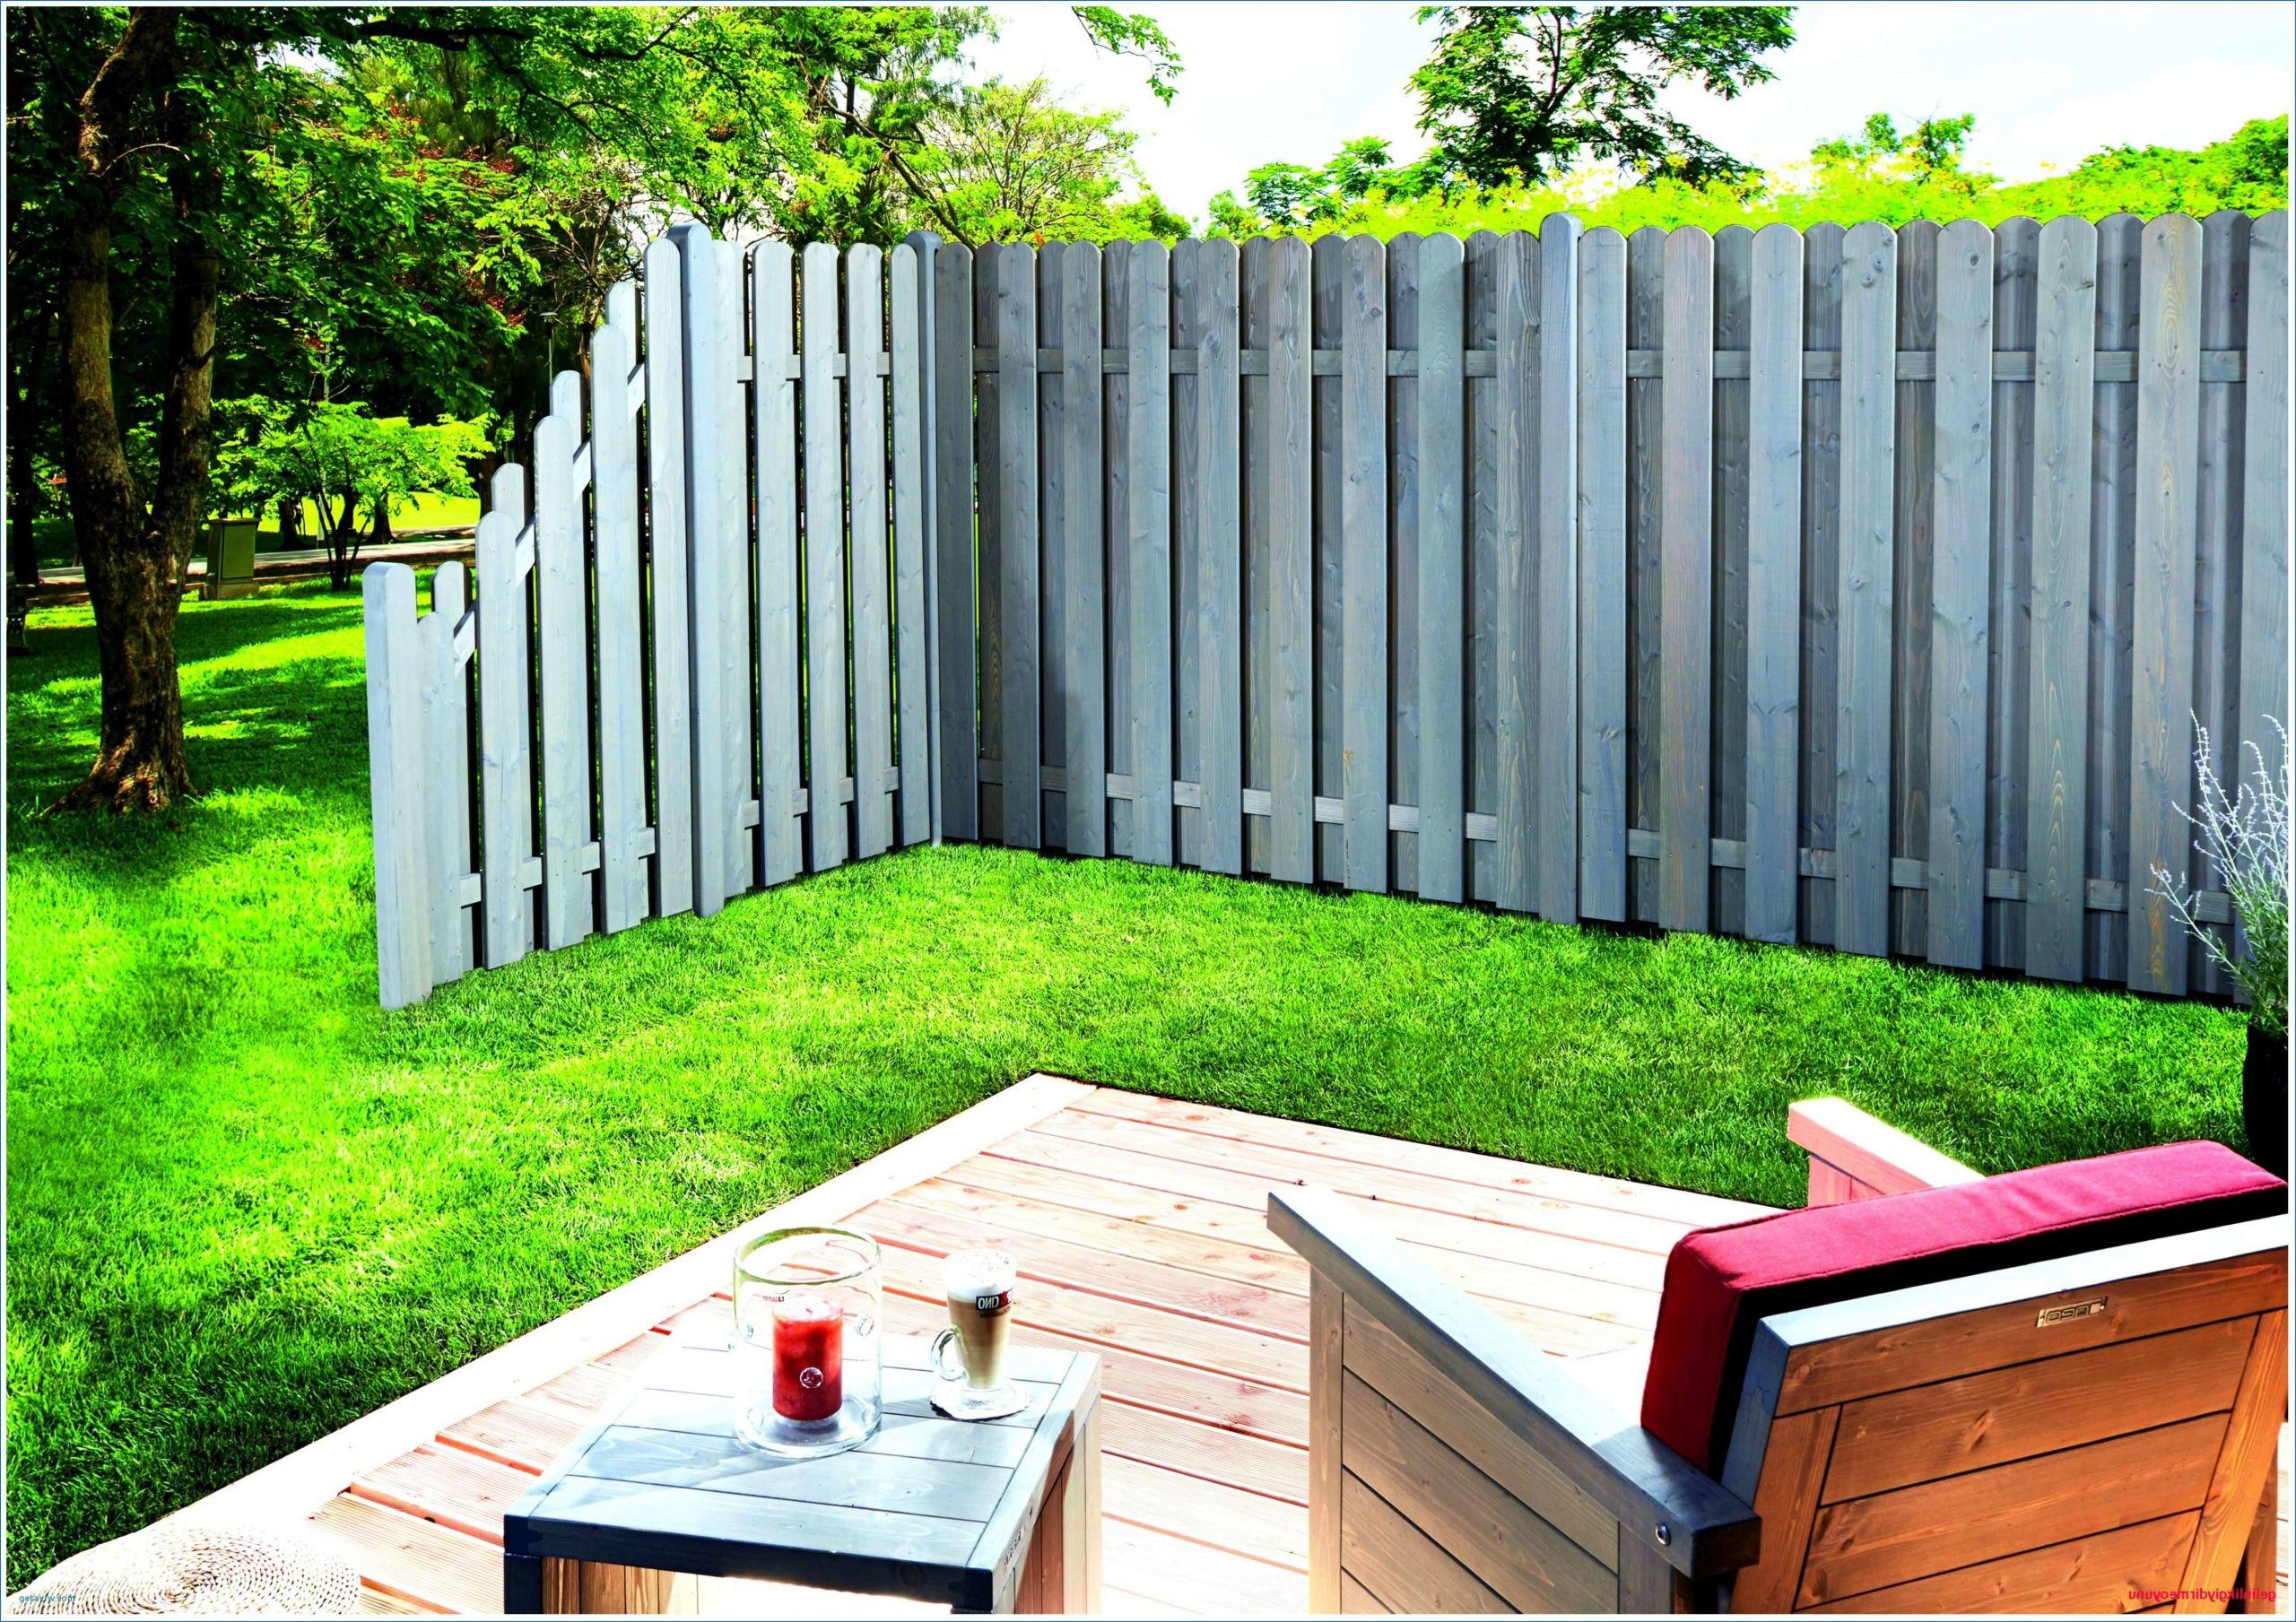 sichtschutz wohnzimmer ideen inspirational 37 genial sichtschutz garten ideen pflanzen of sichtschutz wohnzimmer ideen